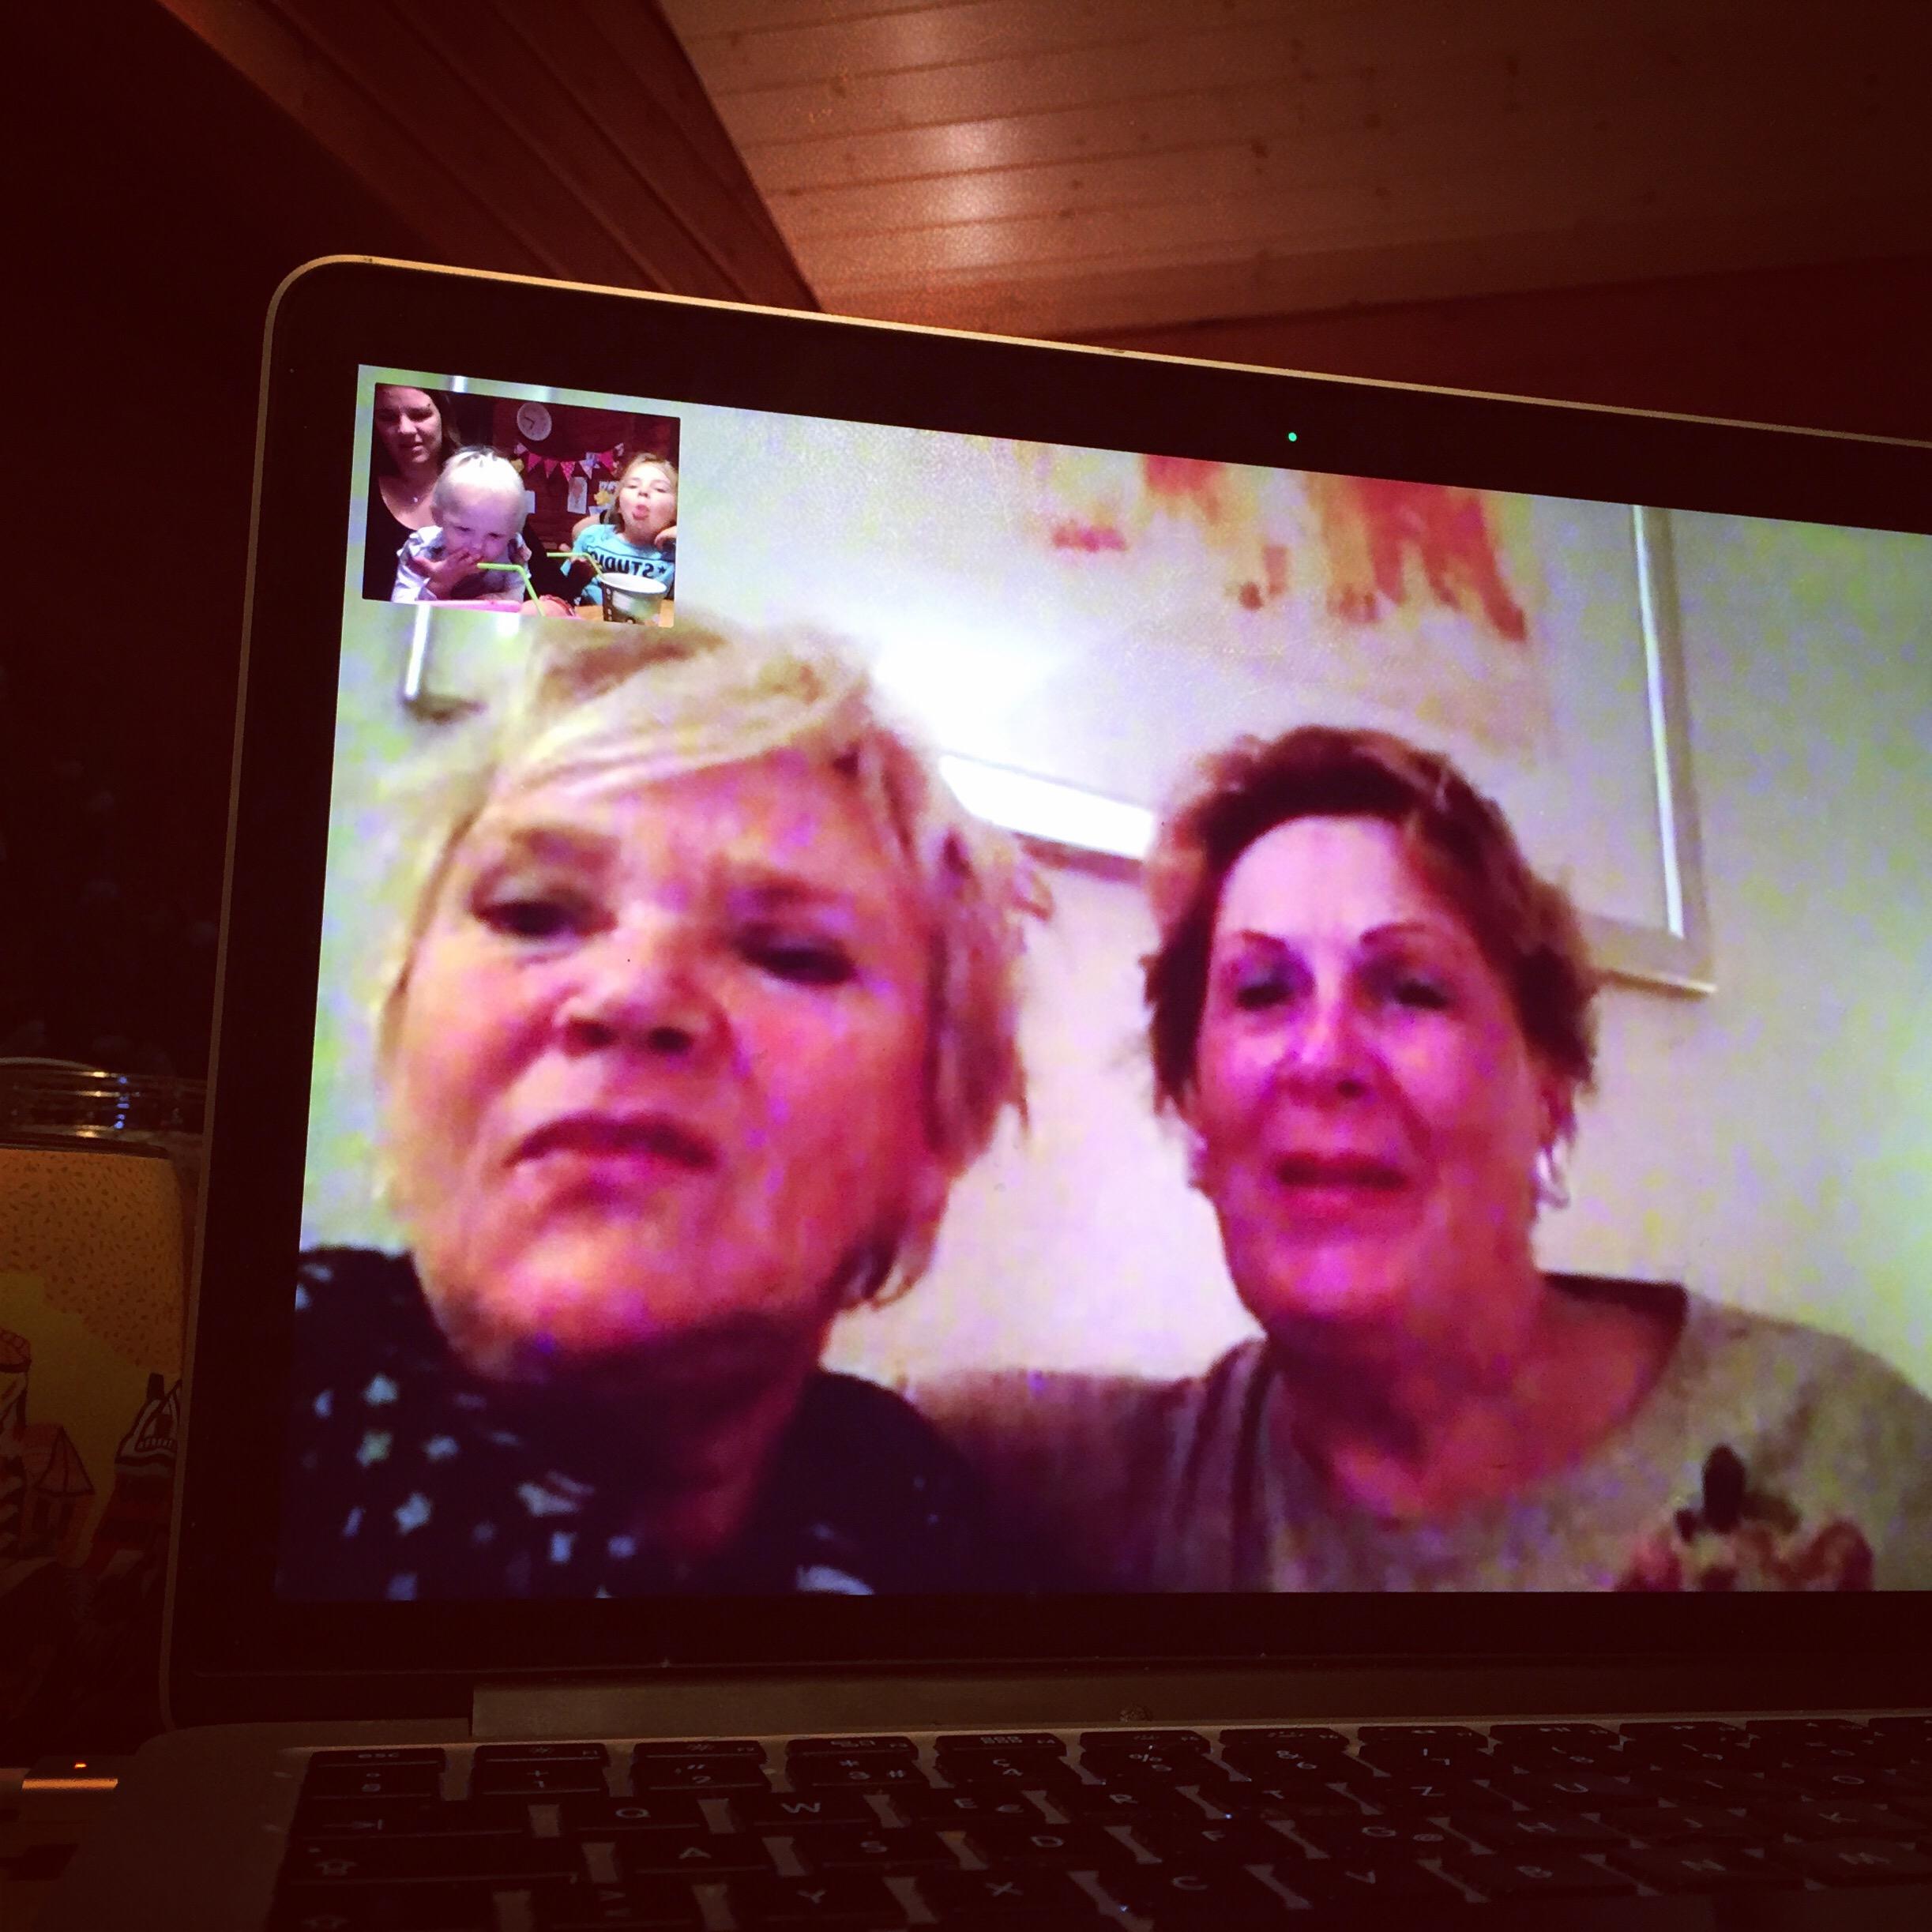 Daarna facetimeden we met de oma's. Oma Spanje is voor de kerst in Nederland en sliep ook een paar nachtjes bij mijn moeder